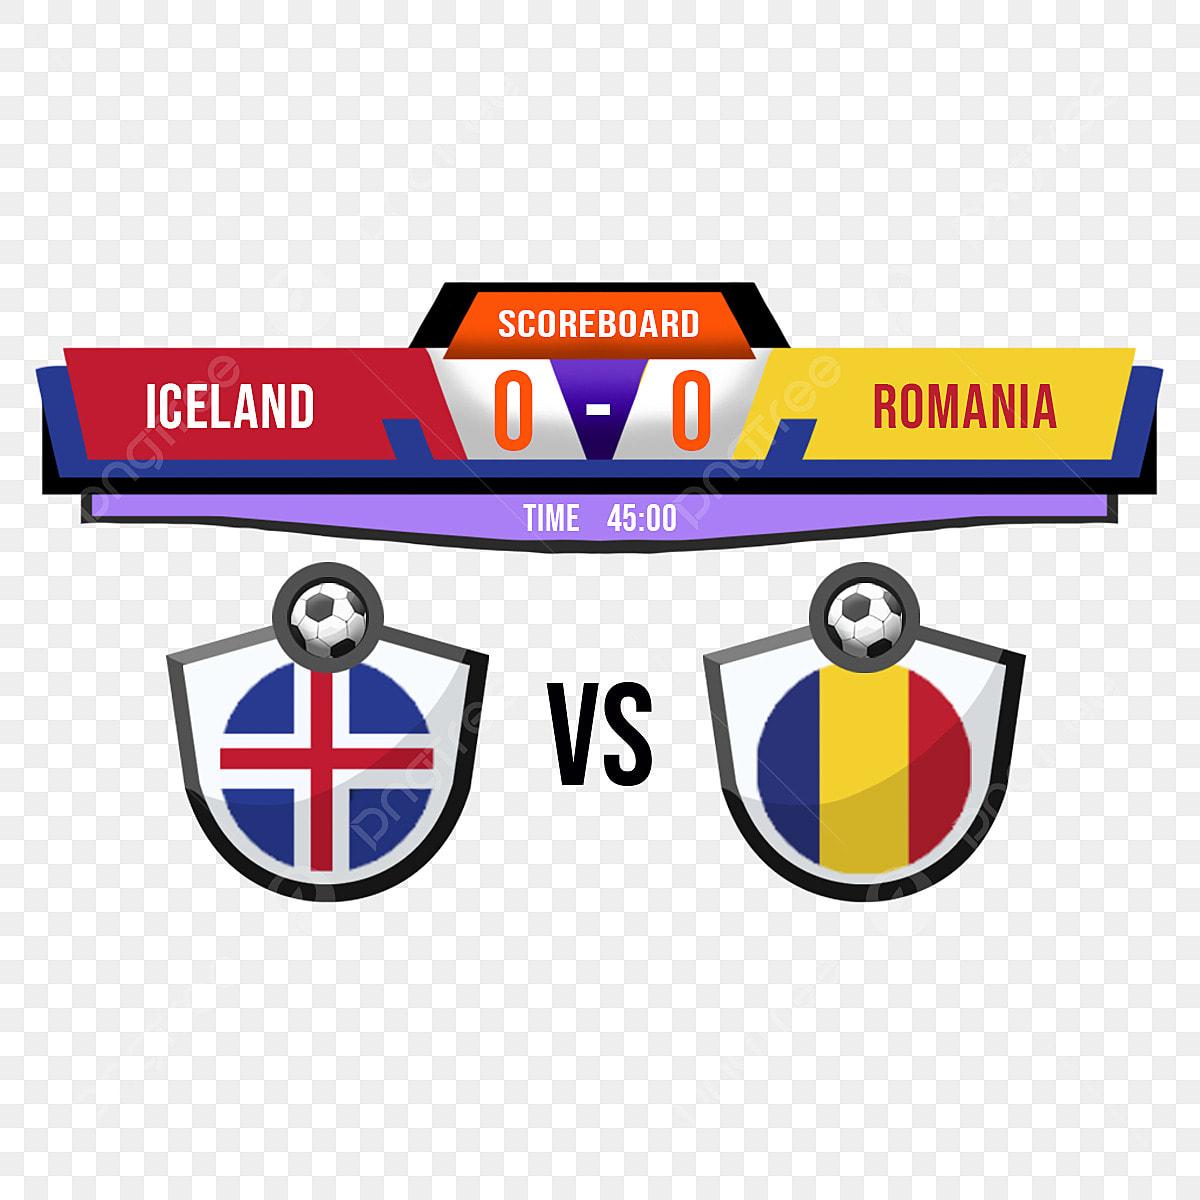 Uefa Euro 2020 Islanda Vs Romania Tabellone Segnapunti Della Partita Di  Calcio Design Della Trasmissione, Torneo, Campionato, Quadro Di Valutazione  File PNG e PSD per download gratuito